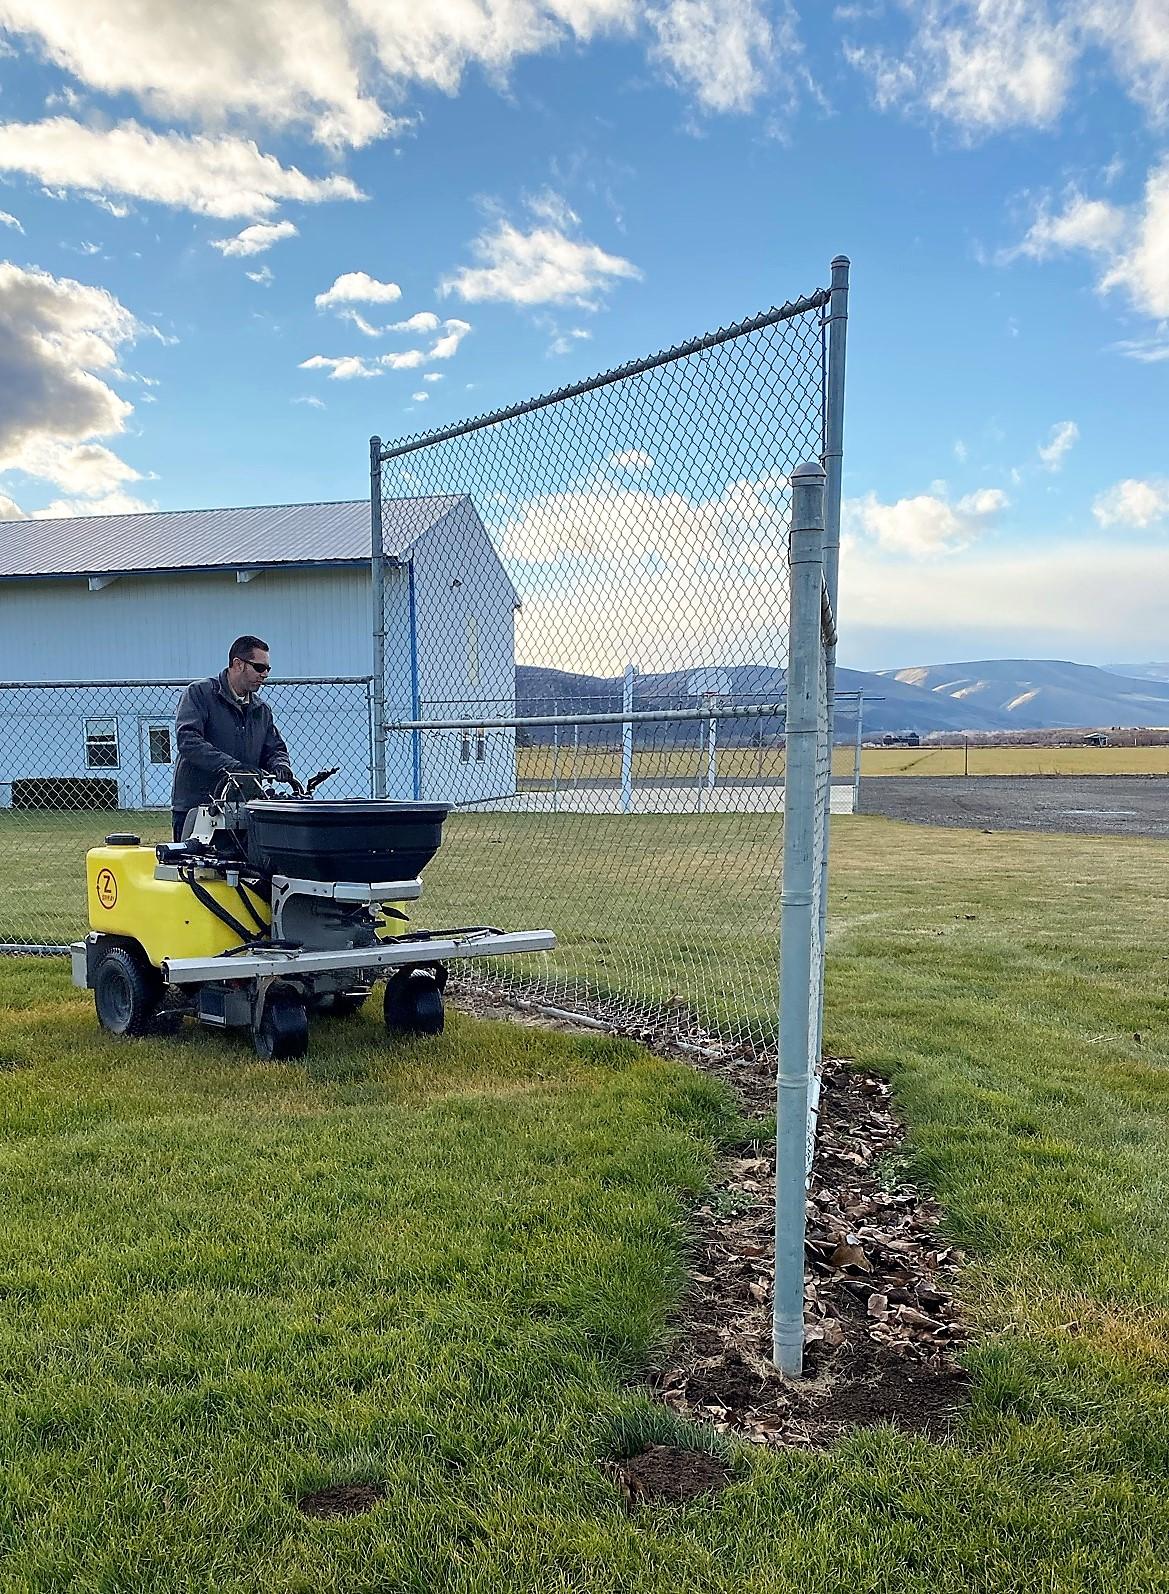 Ellensburg Washington School Lawn and Pest Control